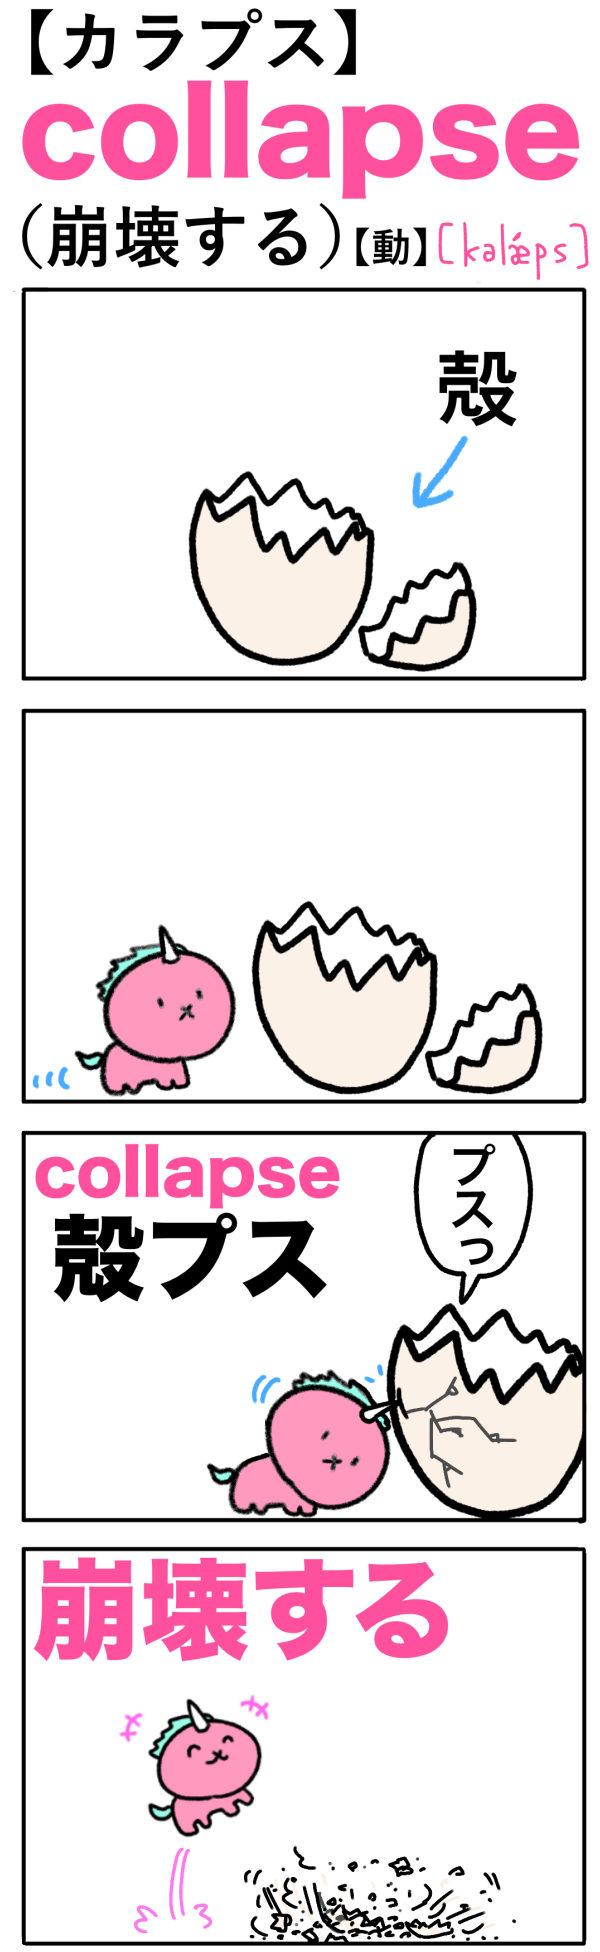 collapse(崩壊する)の語呂合わせ英単語